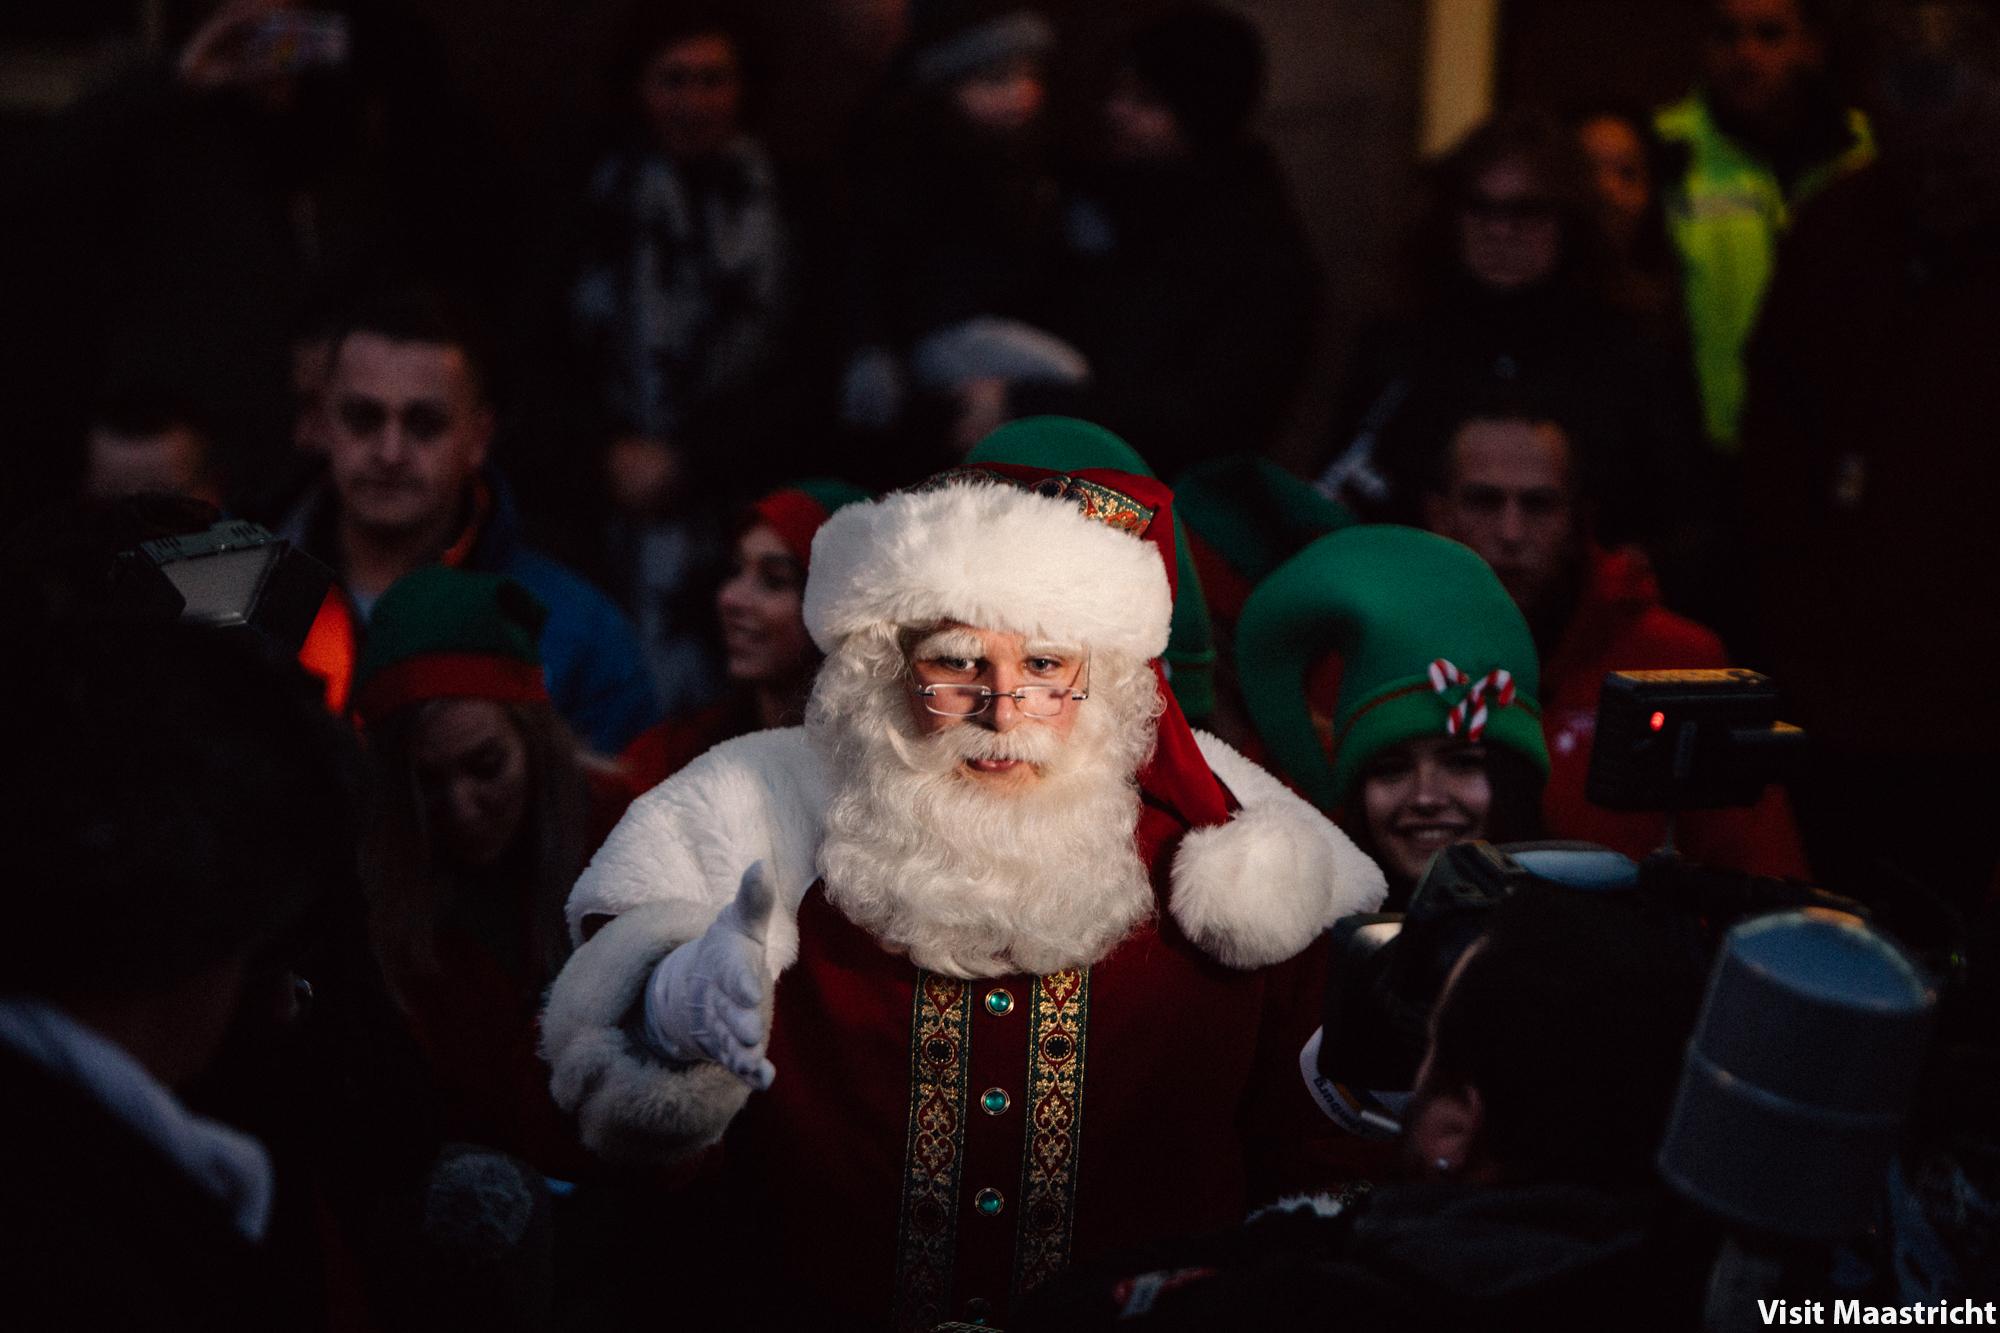 Kerstman in publiek voor de camera